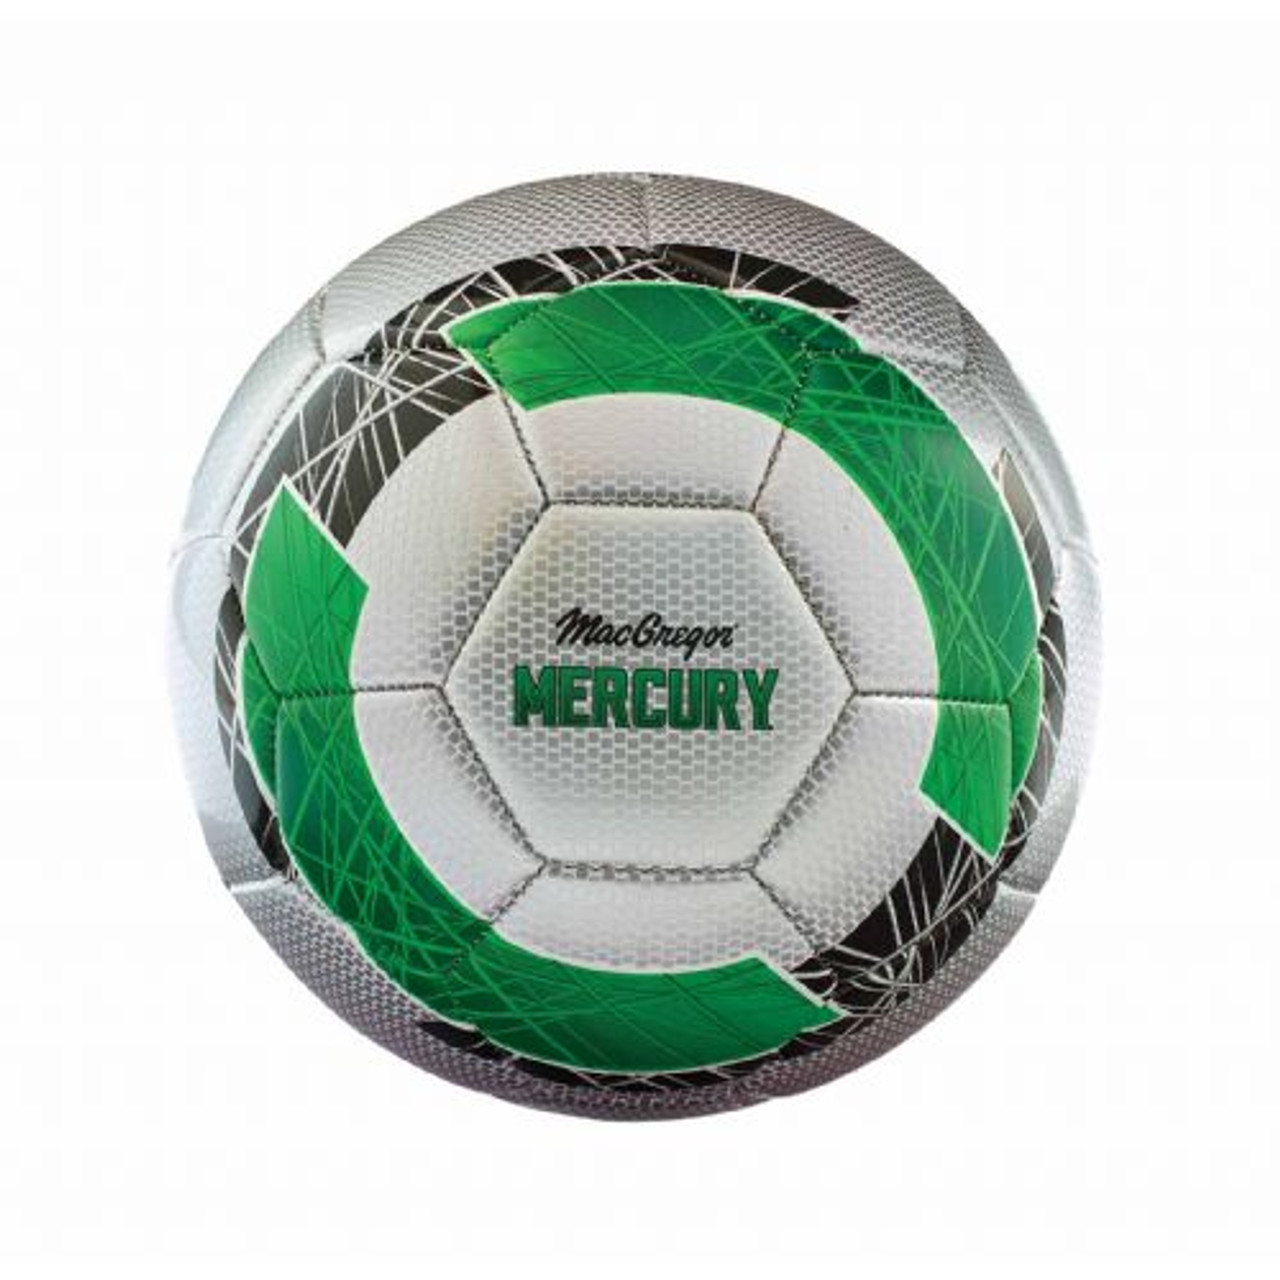 MacGregor Mercury Club Soccer Balls3